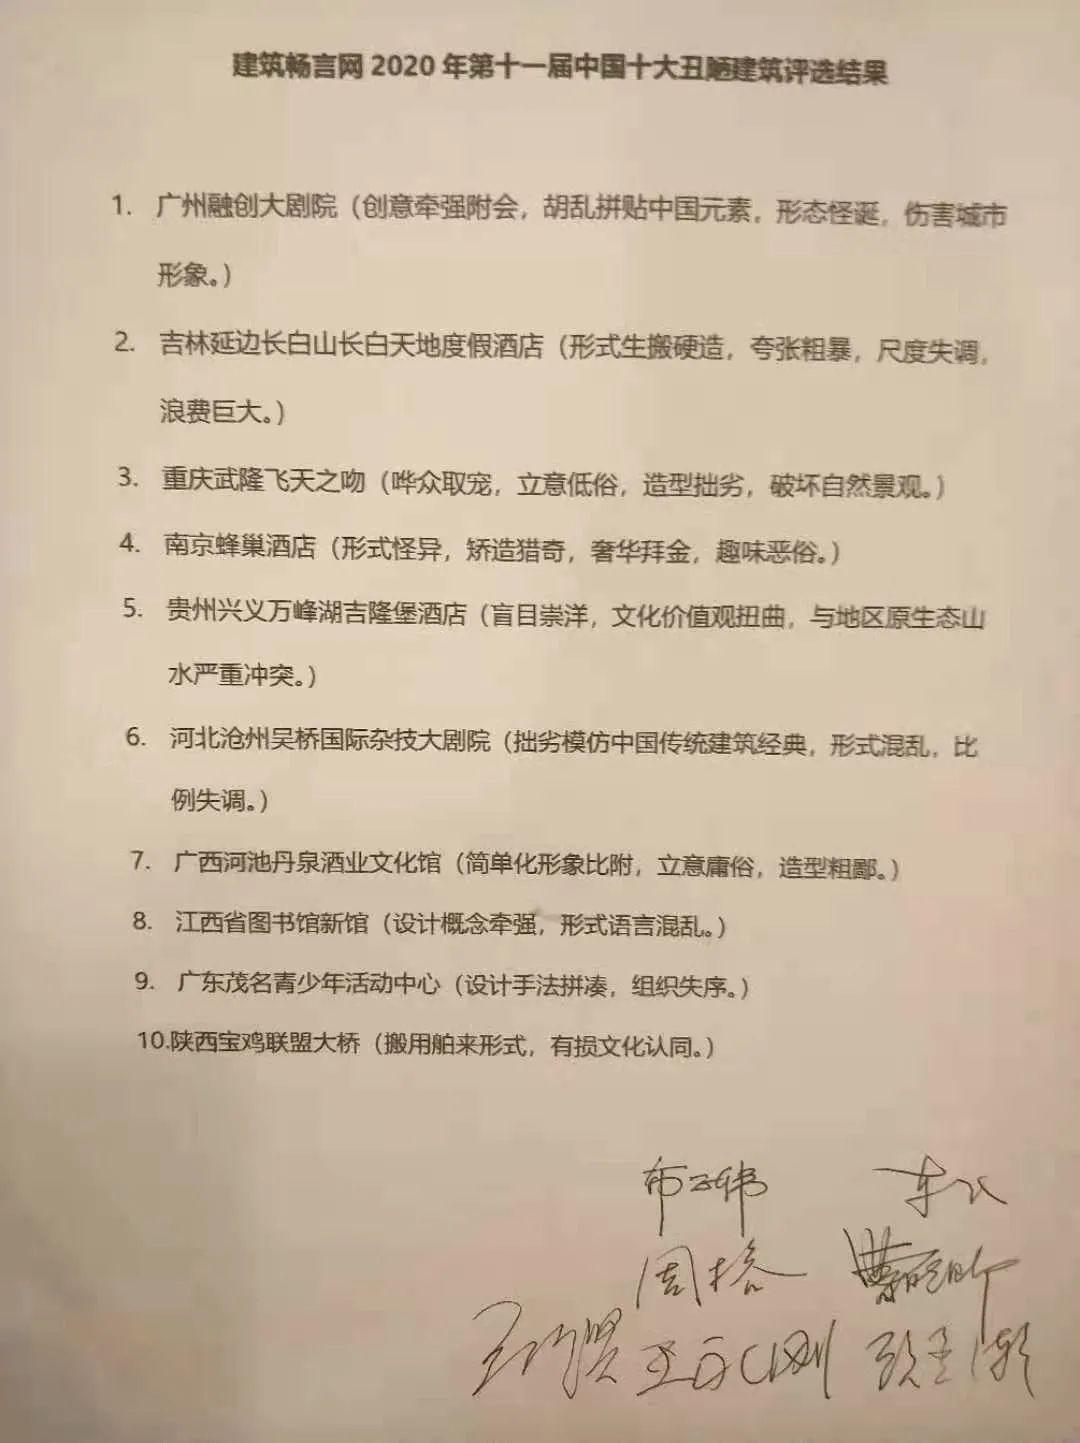 2020年第十一届中国十大丑陋建筑评选结果重磅揭晓